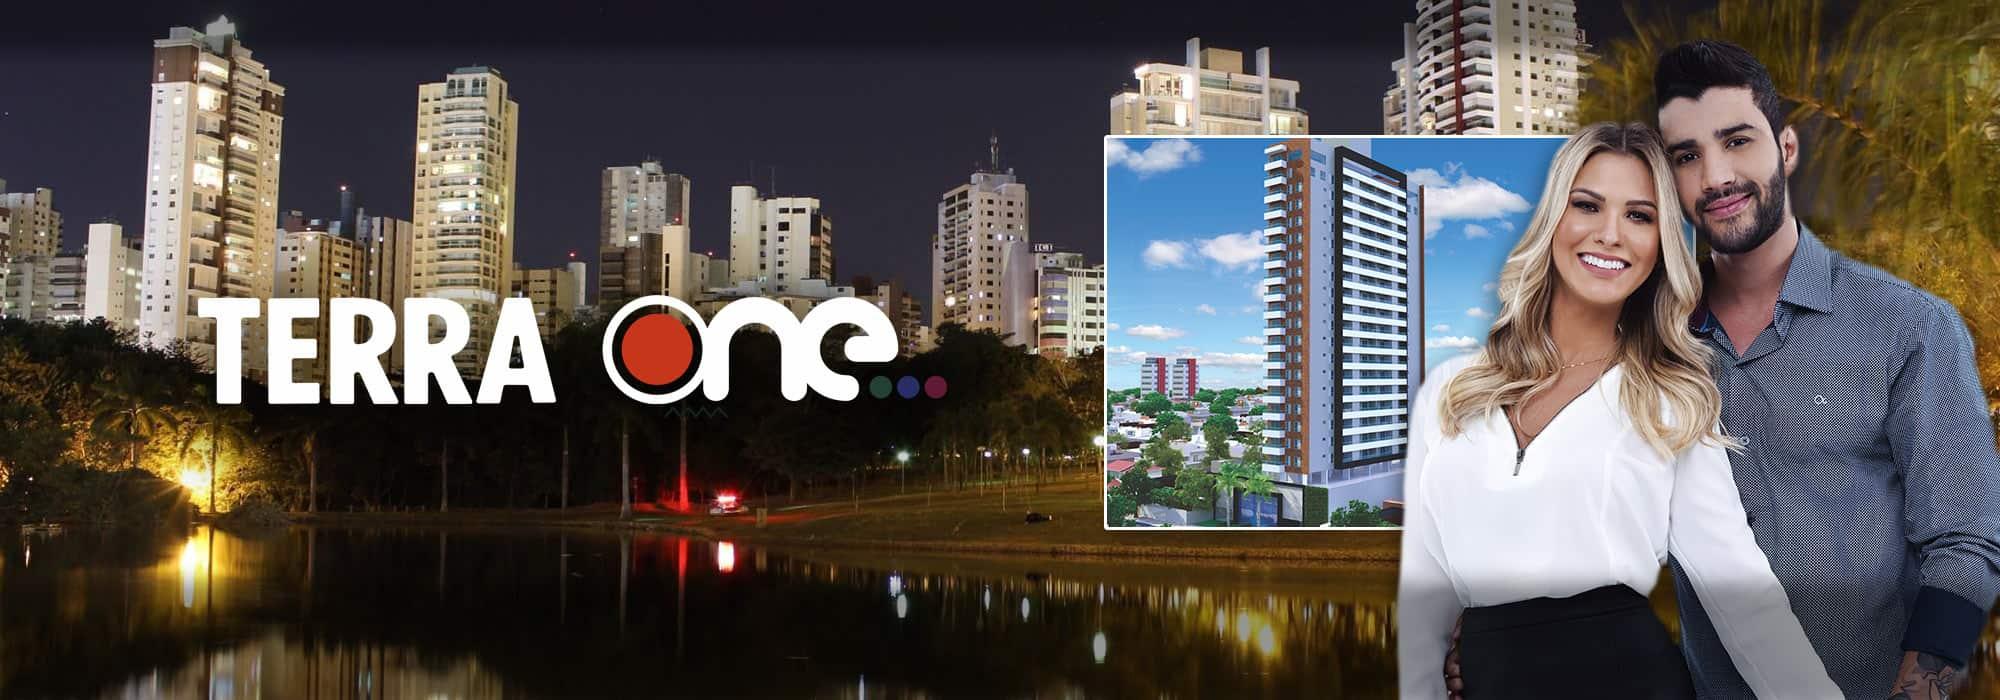 Apartamento Terra One - Construtora Newinc